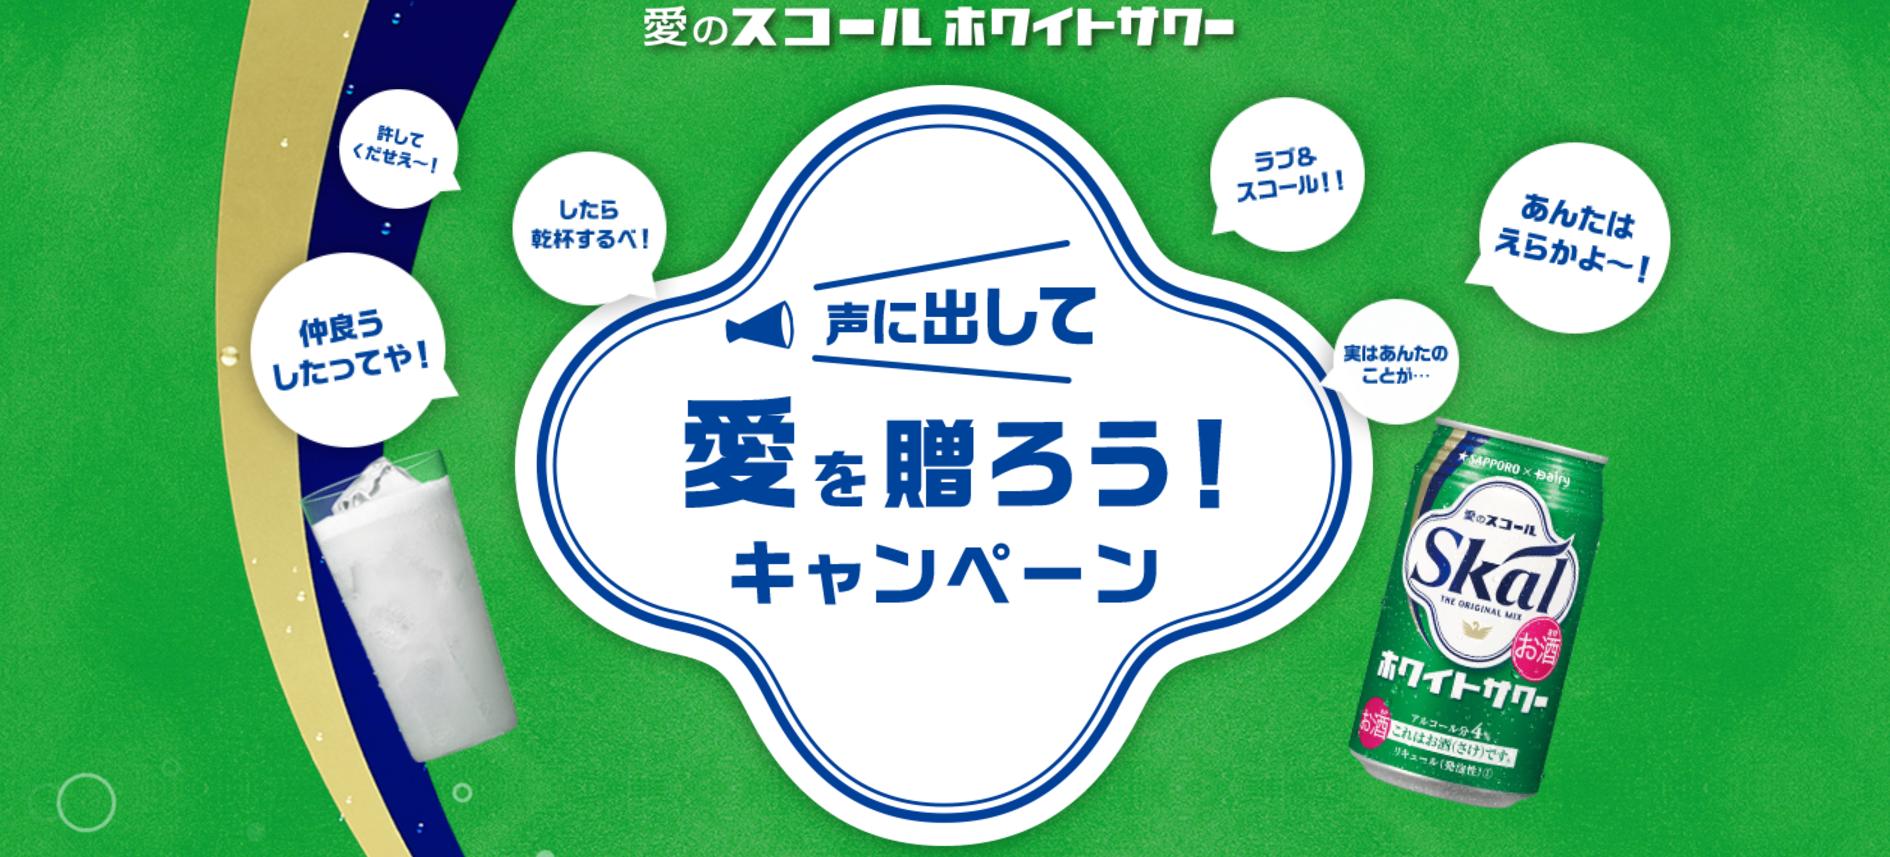 Twitterキャンペーン_事例5.png